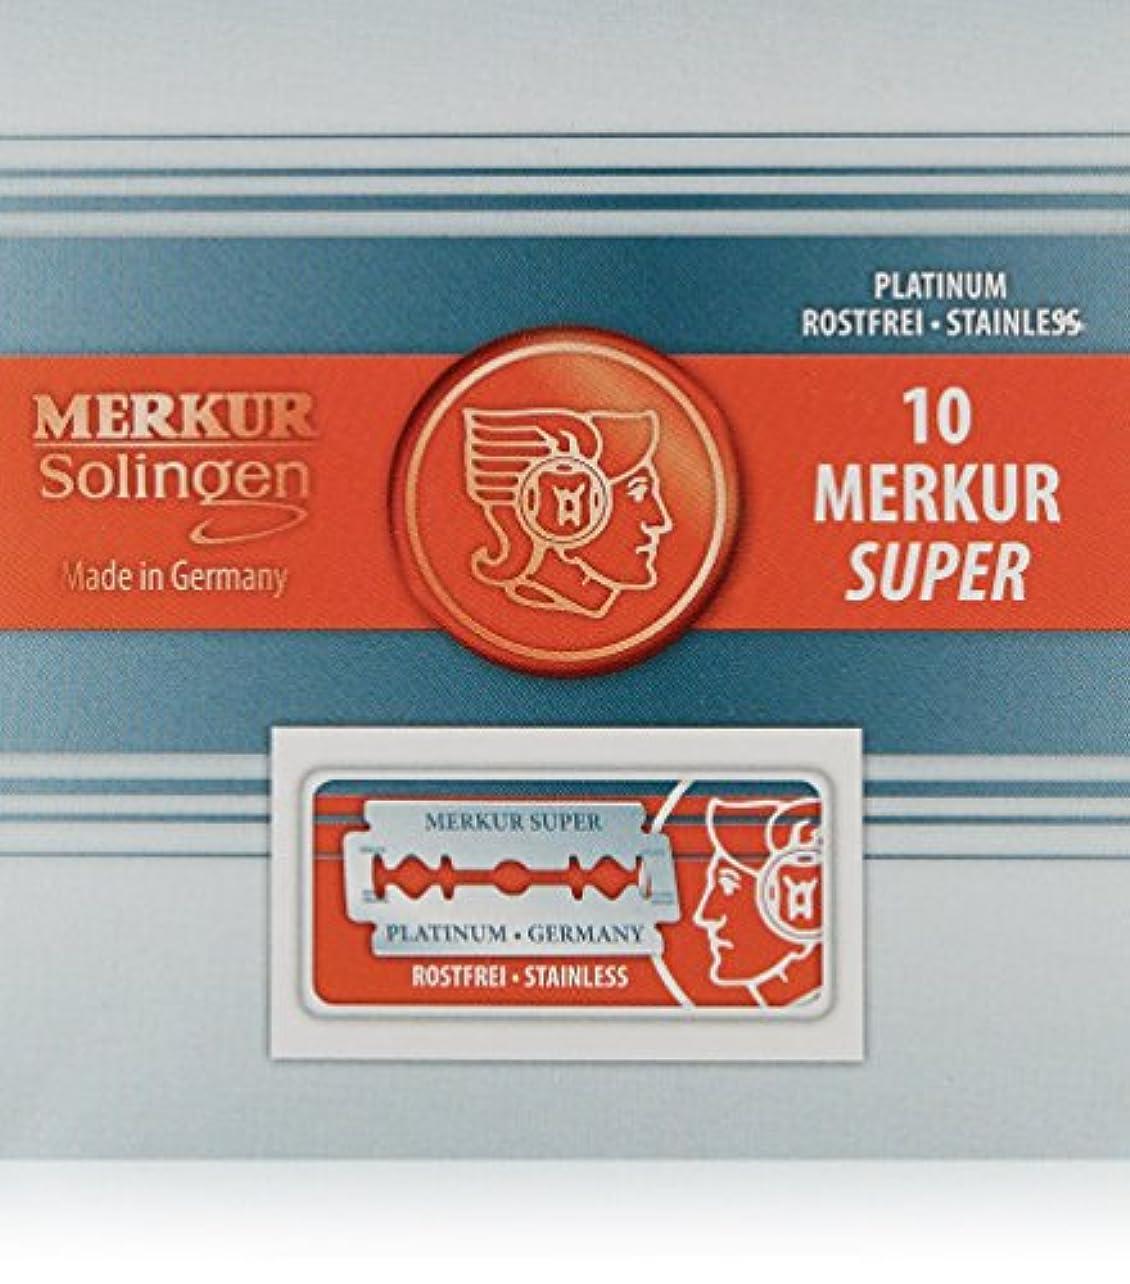 トレード試してみる人種Merkur Stainless Platinum Safety Razor Blades 10 Pack